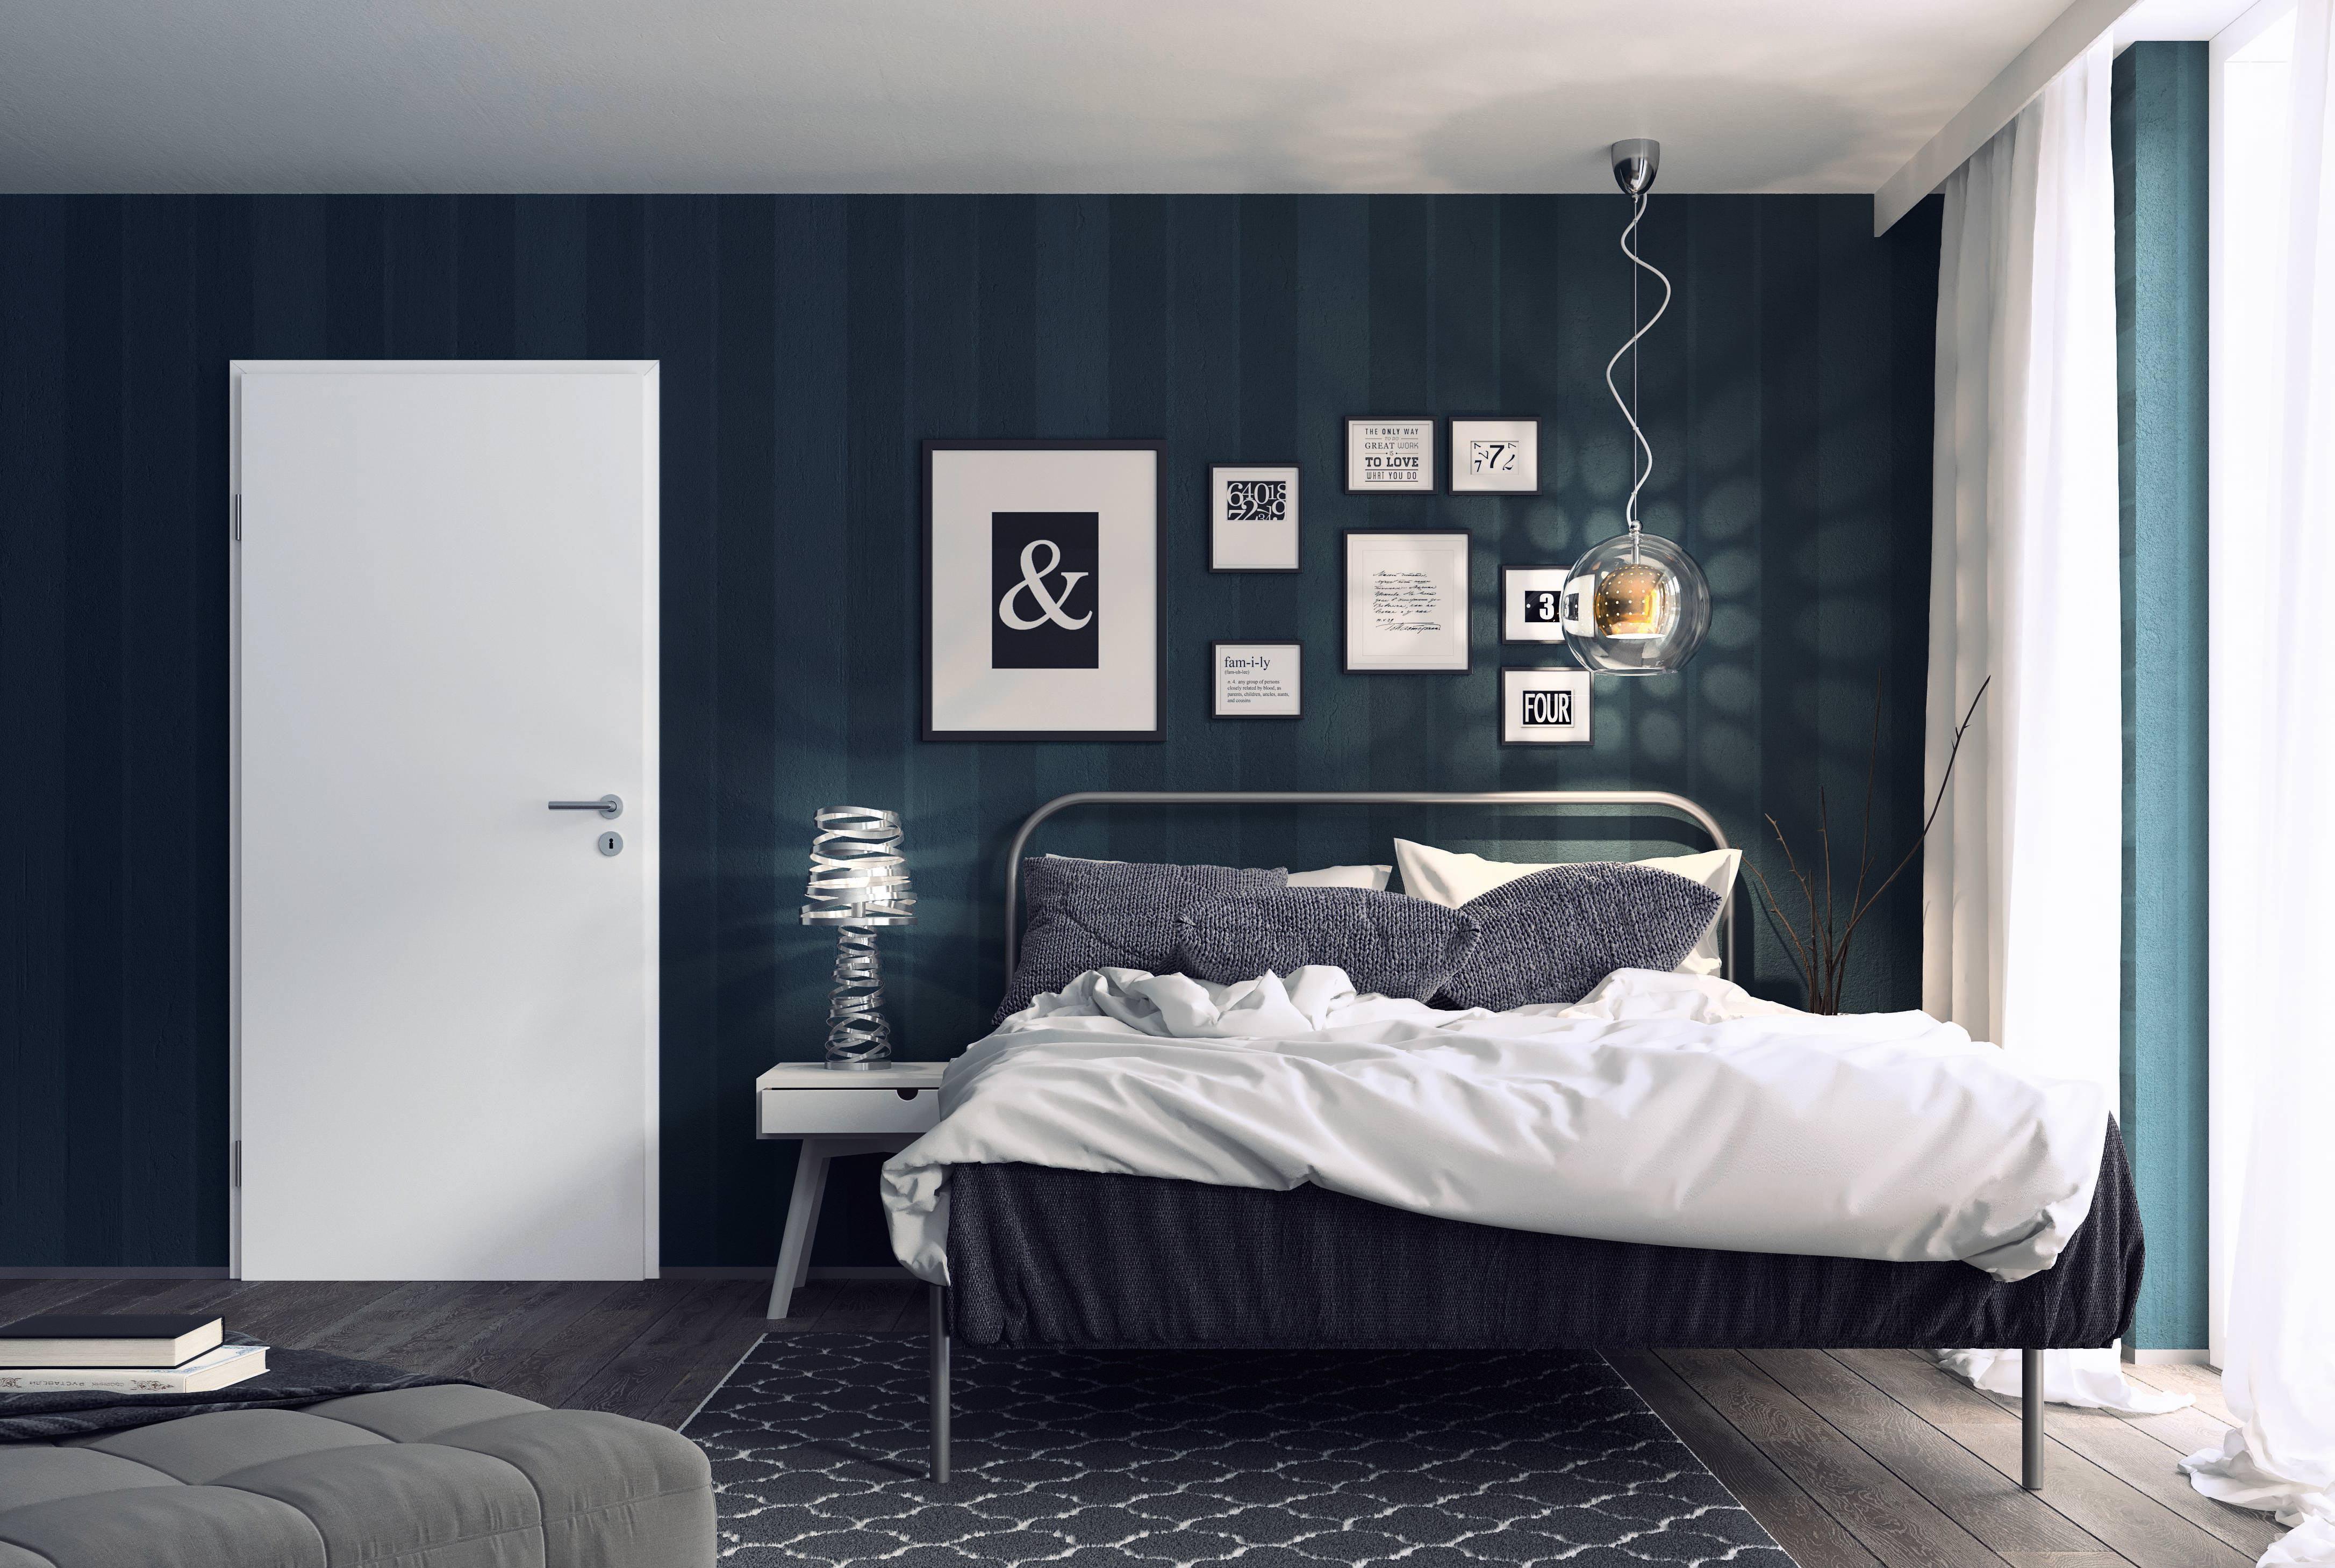 wei ist nicht gleich wei auch bei zimmert ren. Black Bedroom Furniture Sets. Home Design Ideas